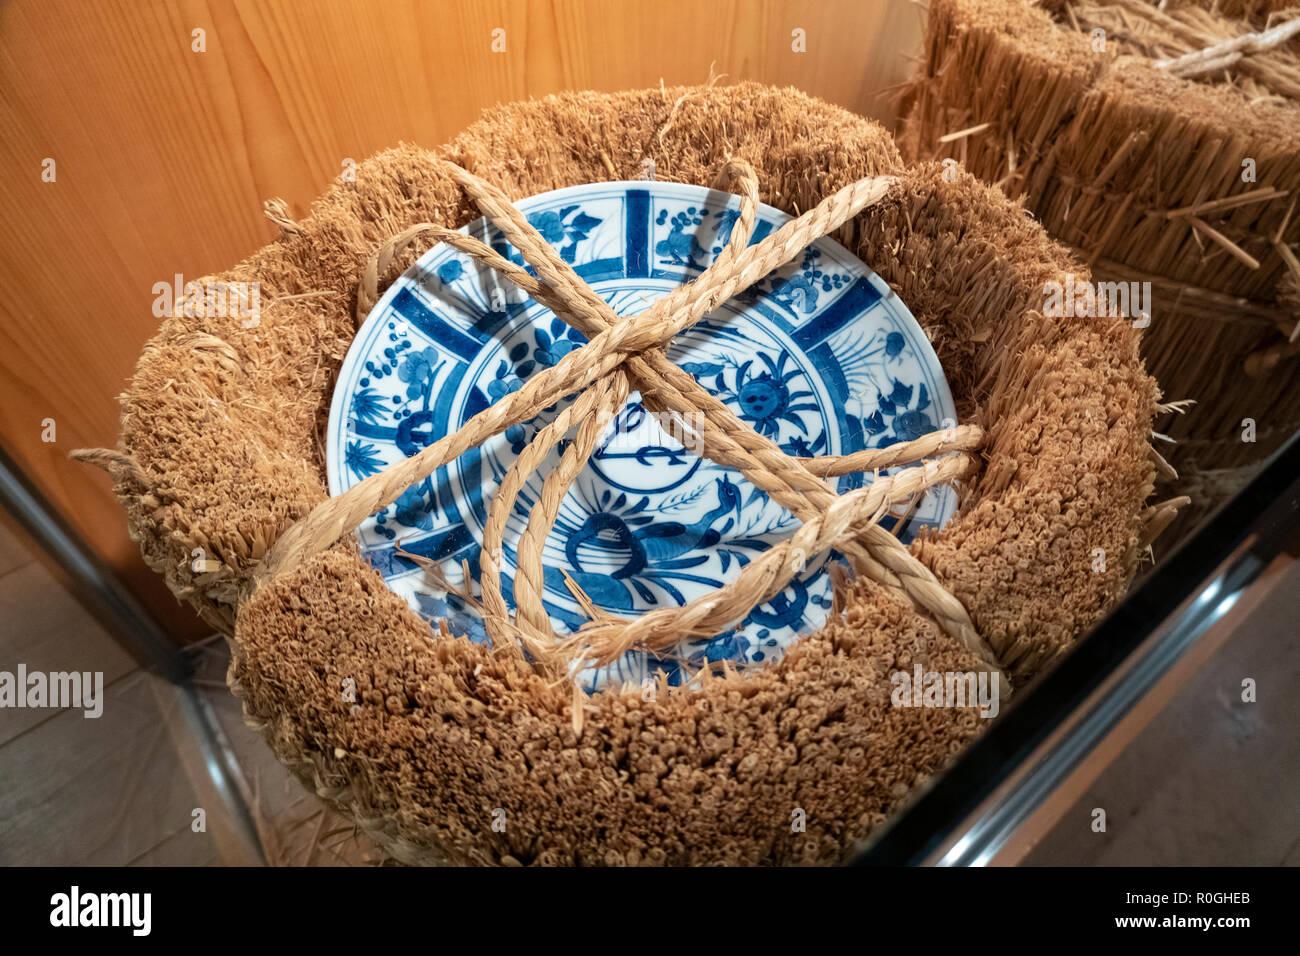 Arita giapponese blu bianco porcellana piastra VOC XVII C decorate in cinese Kraak stile con il logo della Compagnia Olandese delle Indie Orientali VOC pronto per la spedizione Immagini Stock